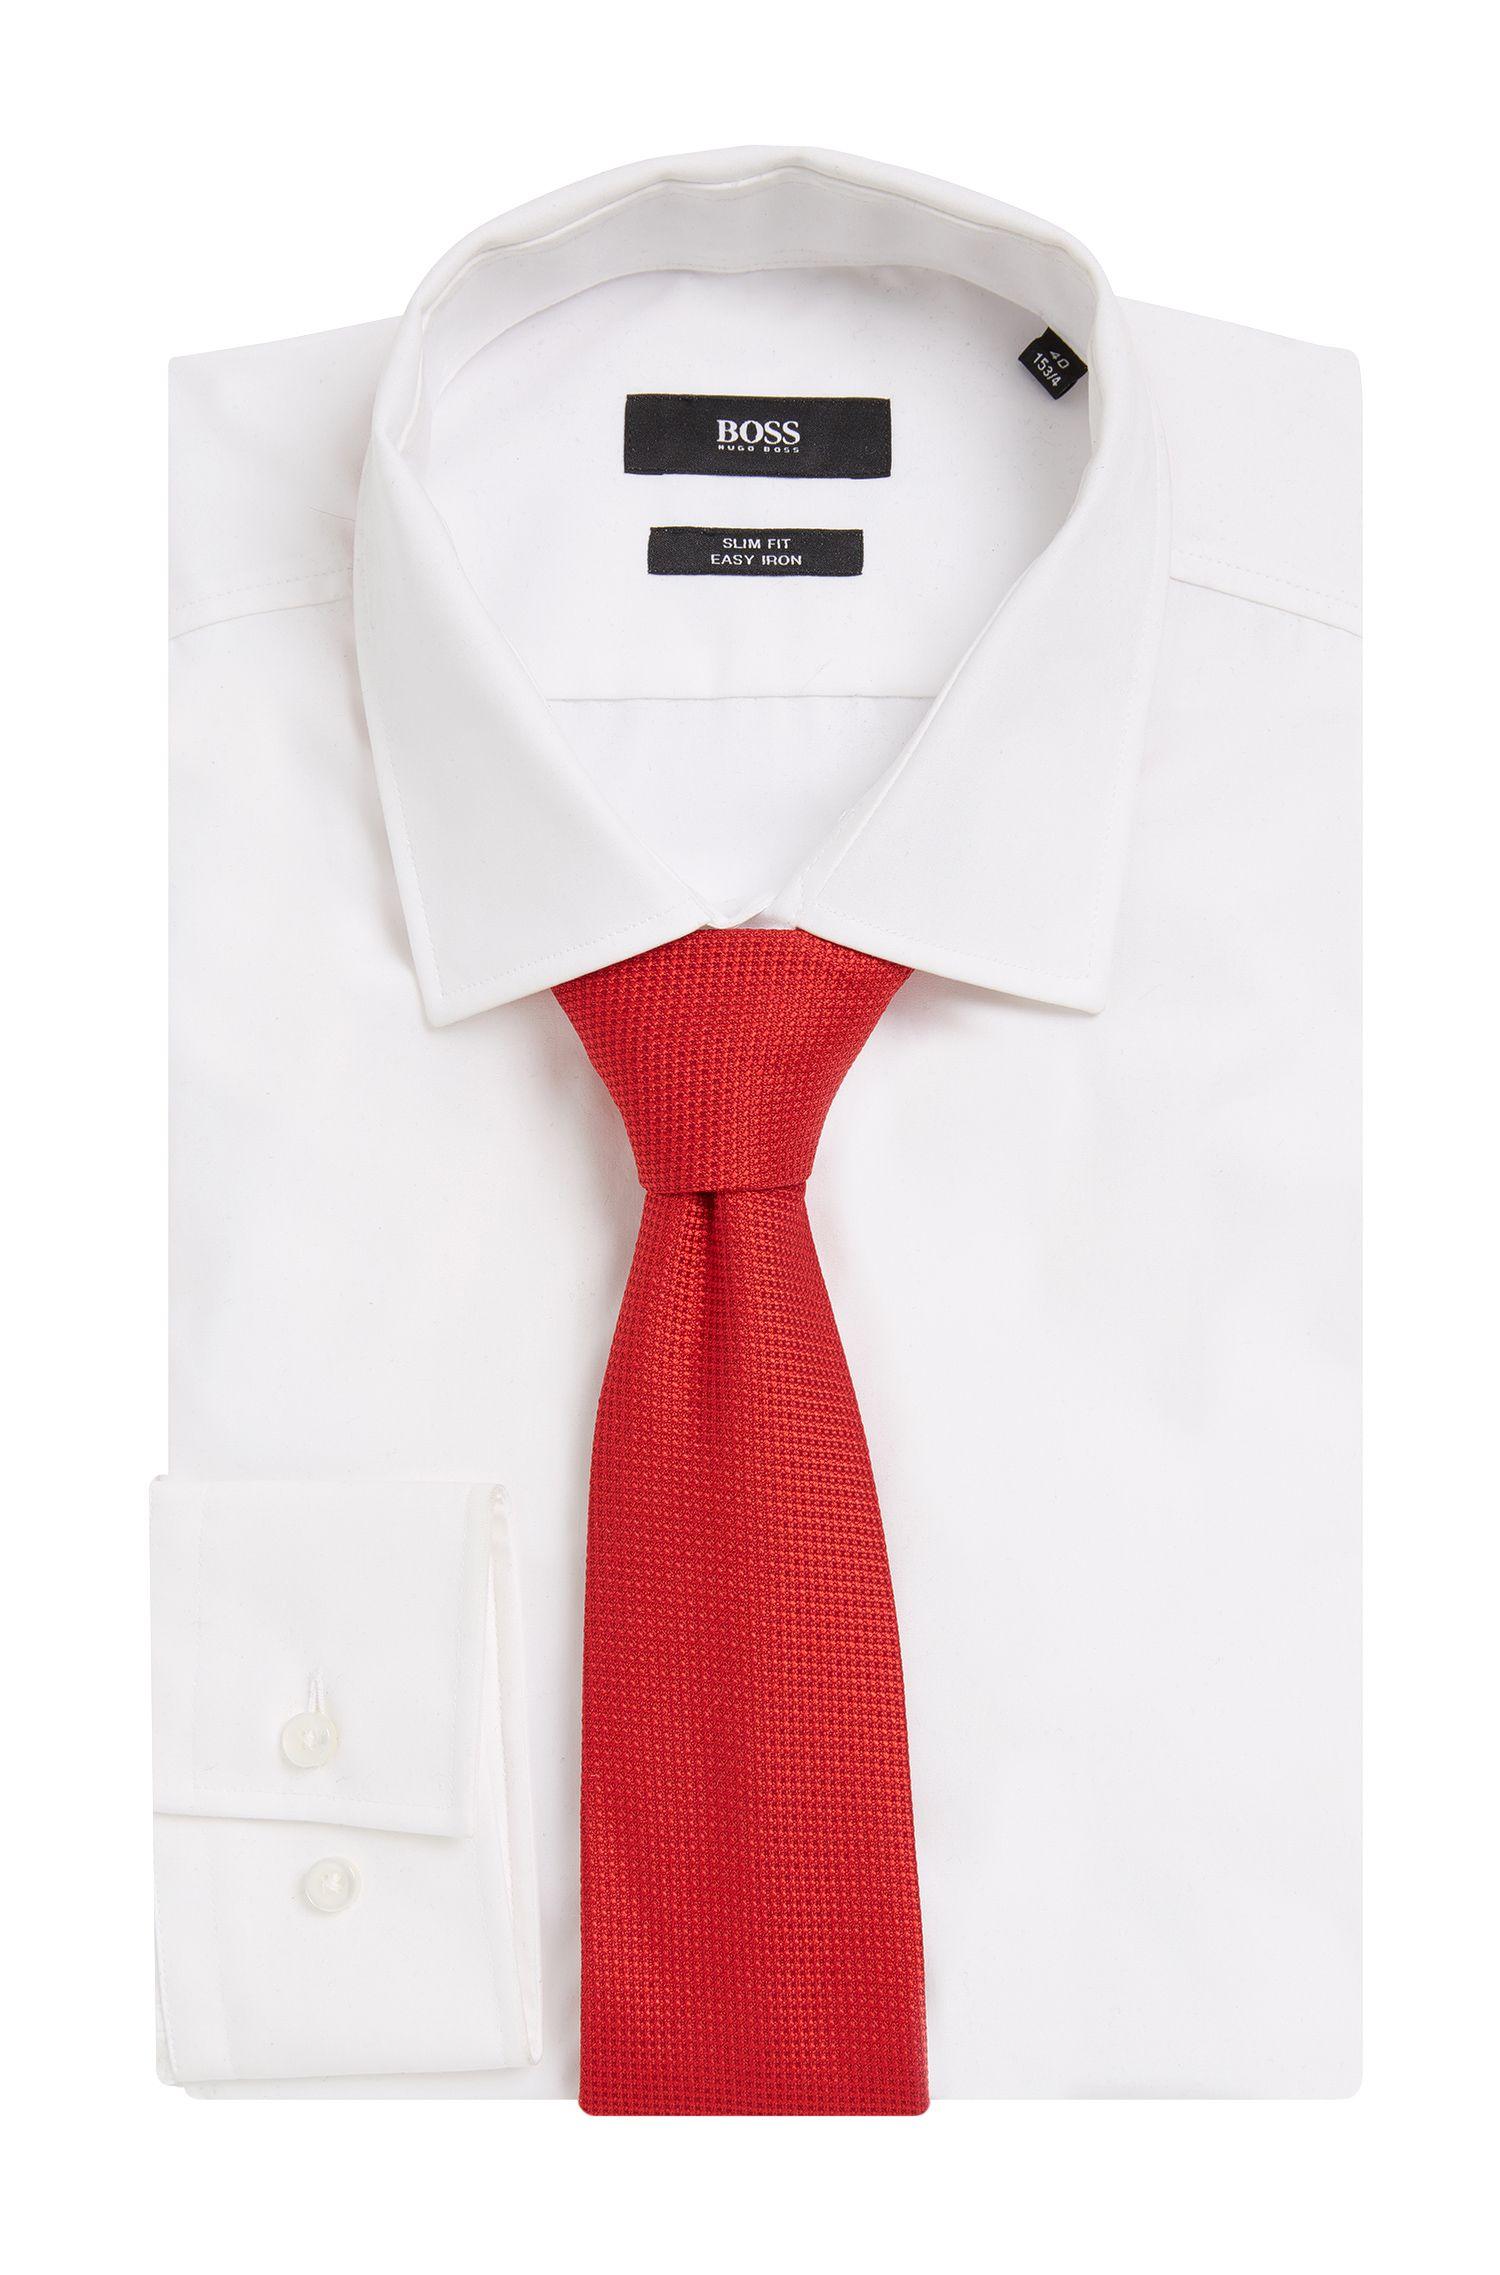 Embroidered Silk Tie, Regular | Tie 7.5 cm, Red